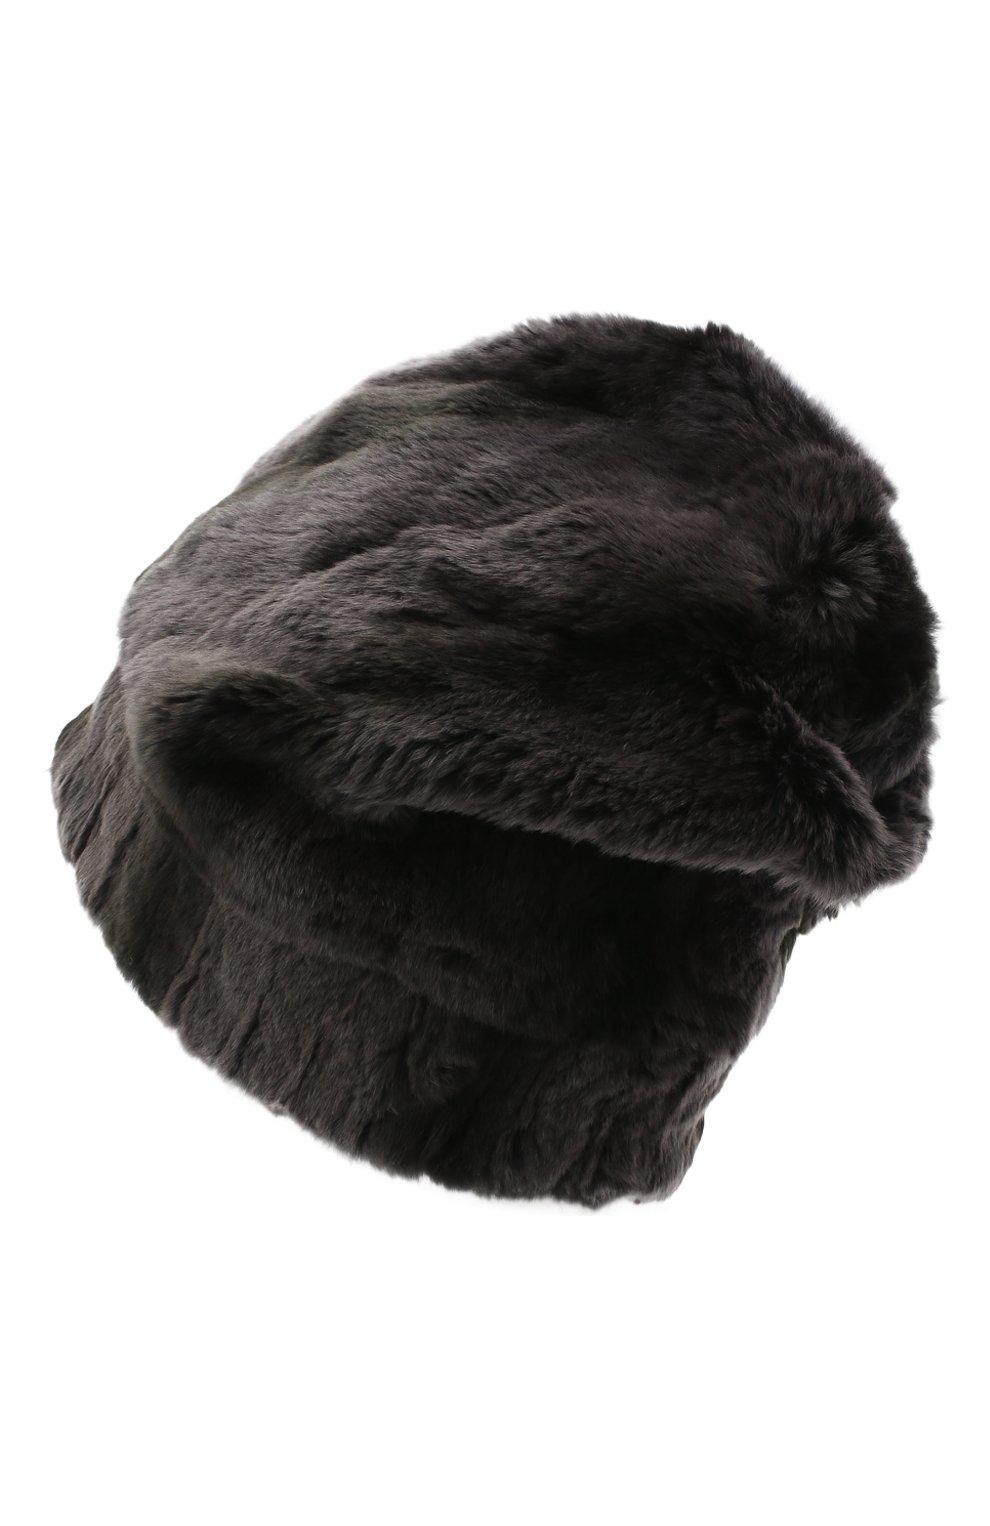 Мужская шапка из меха колонка FURLAND серого цвета, арт. 0105108150105200000 | Фото 2